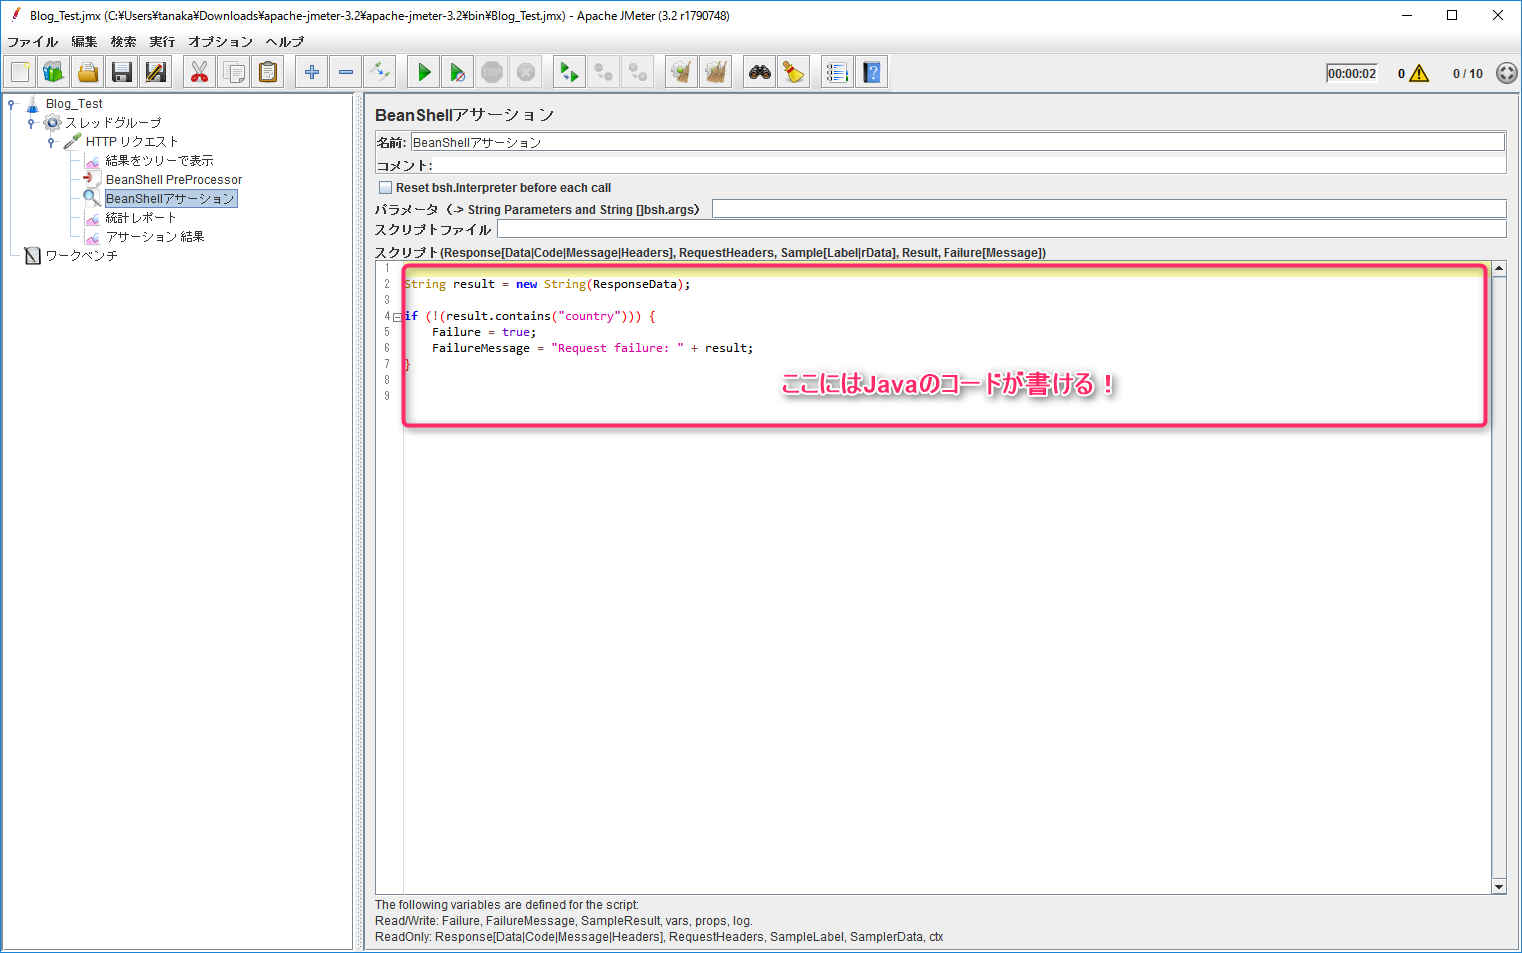 BeanShellアサーションのコード